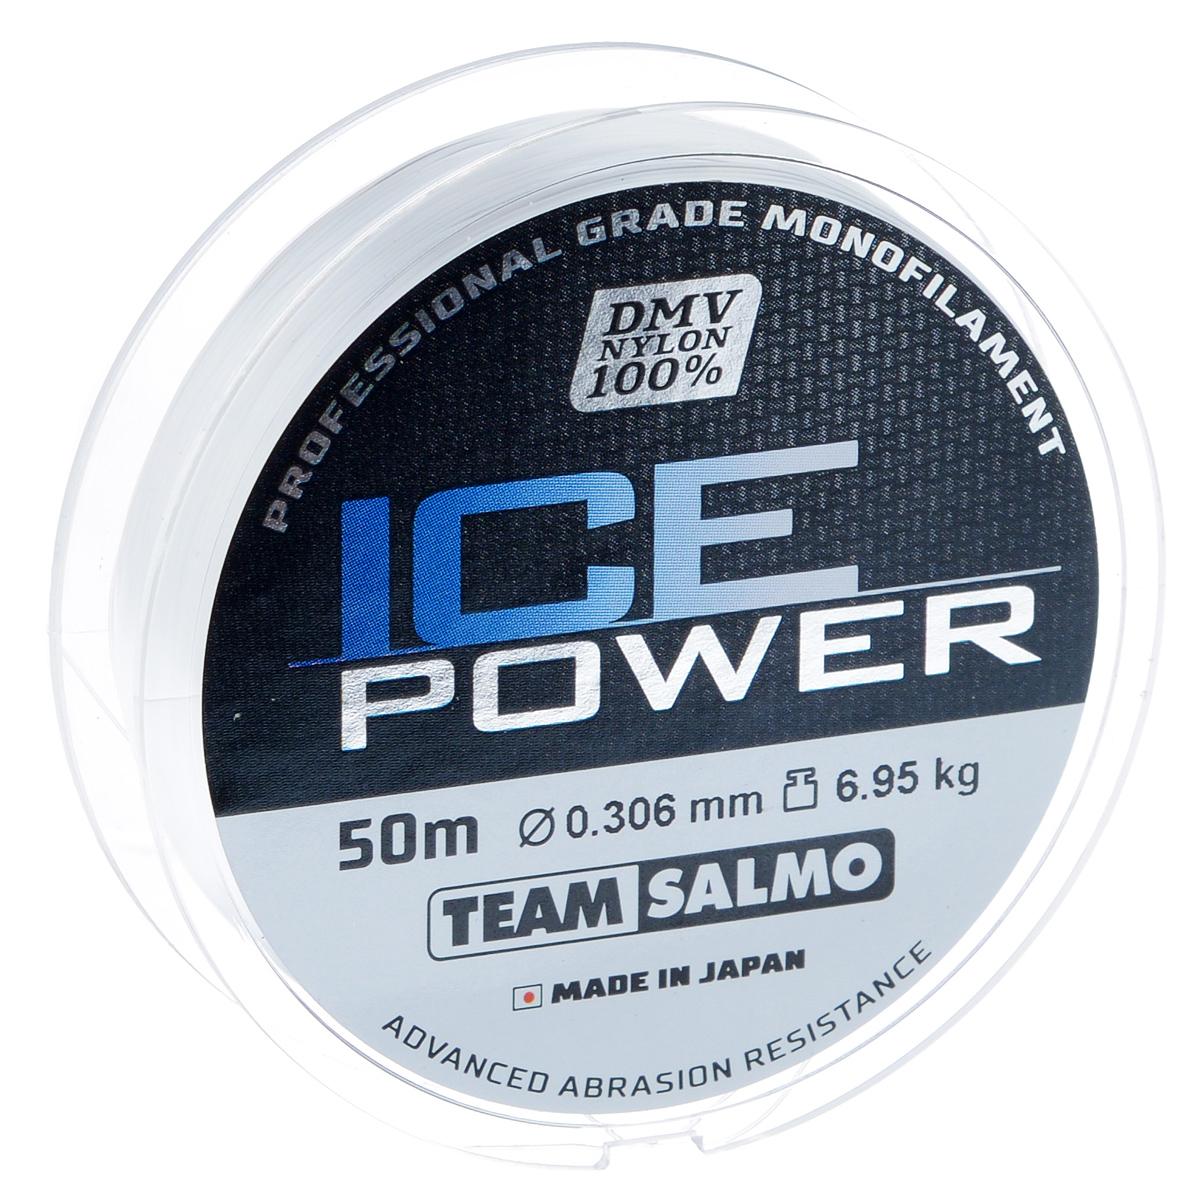 Леска монофильная Team Salmo Ice Power, сечение 0,306 мм, длина 50 м леска монофильная salmo tournament сечение 0 083 мм длина 50 м